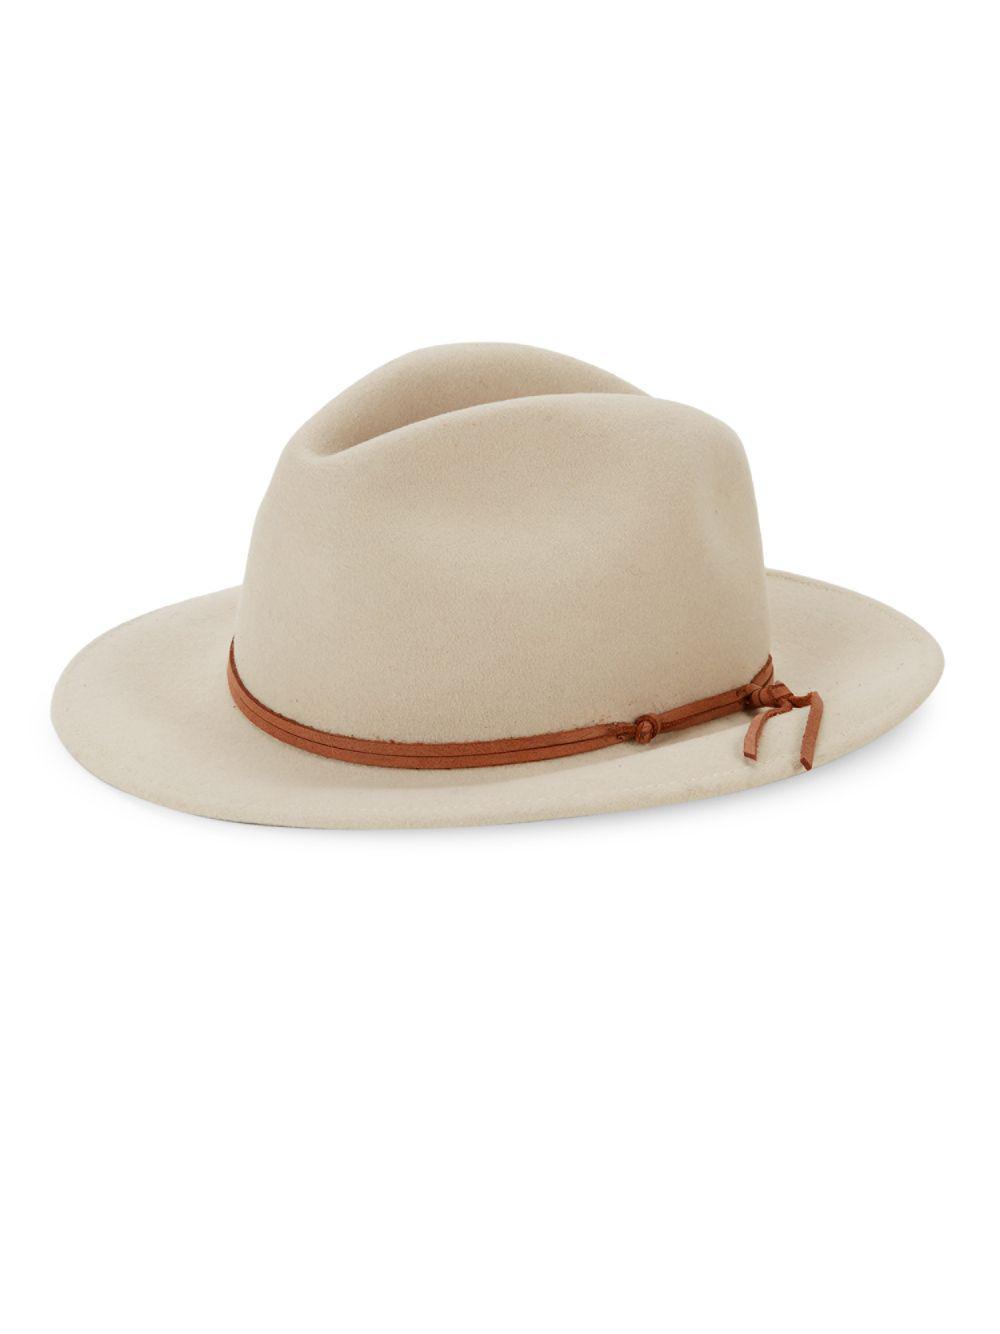 7f254a35c5b Gottex. Women s Woolen Felt Hat